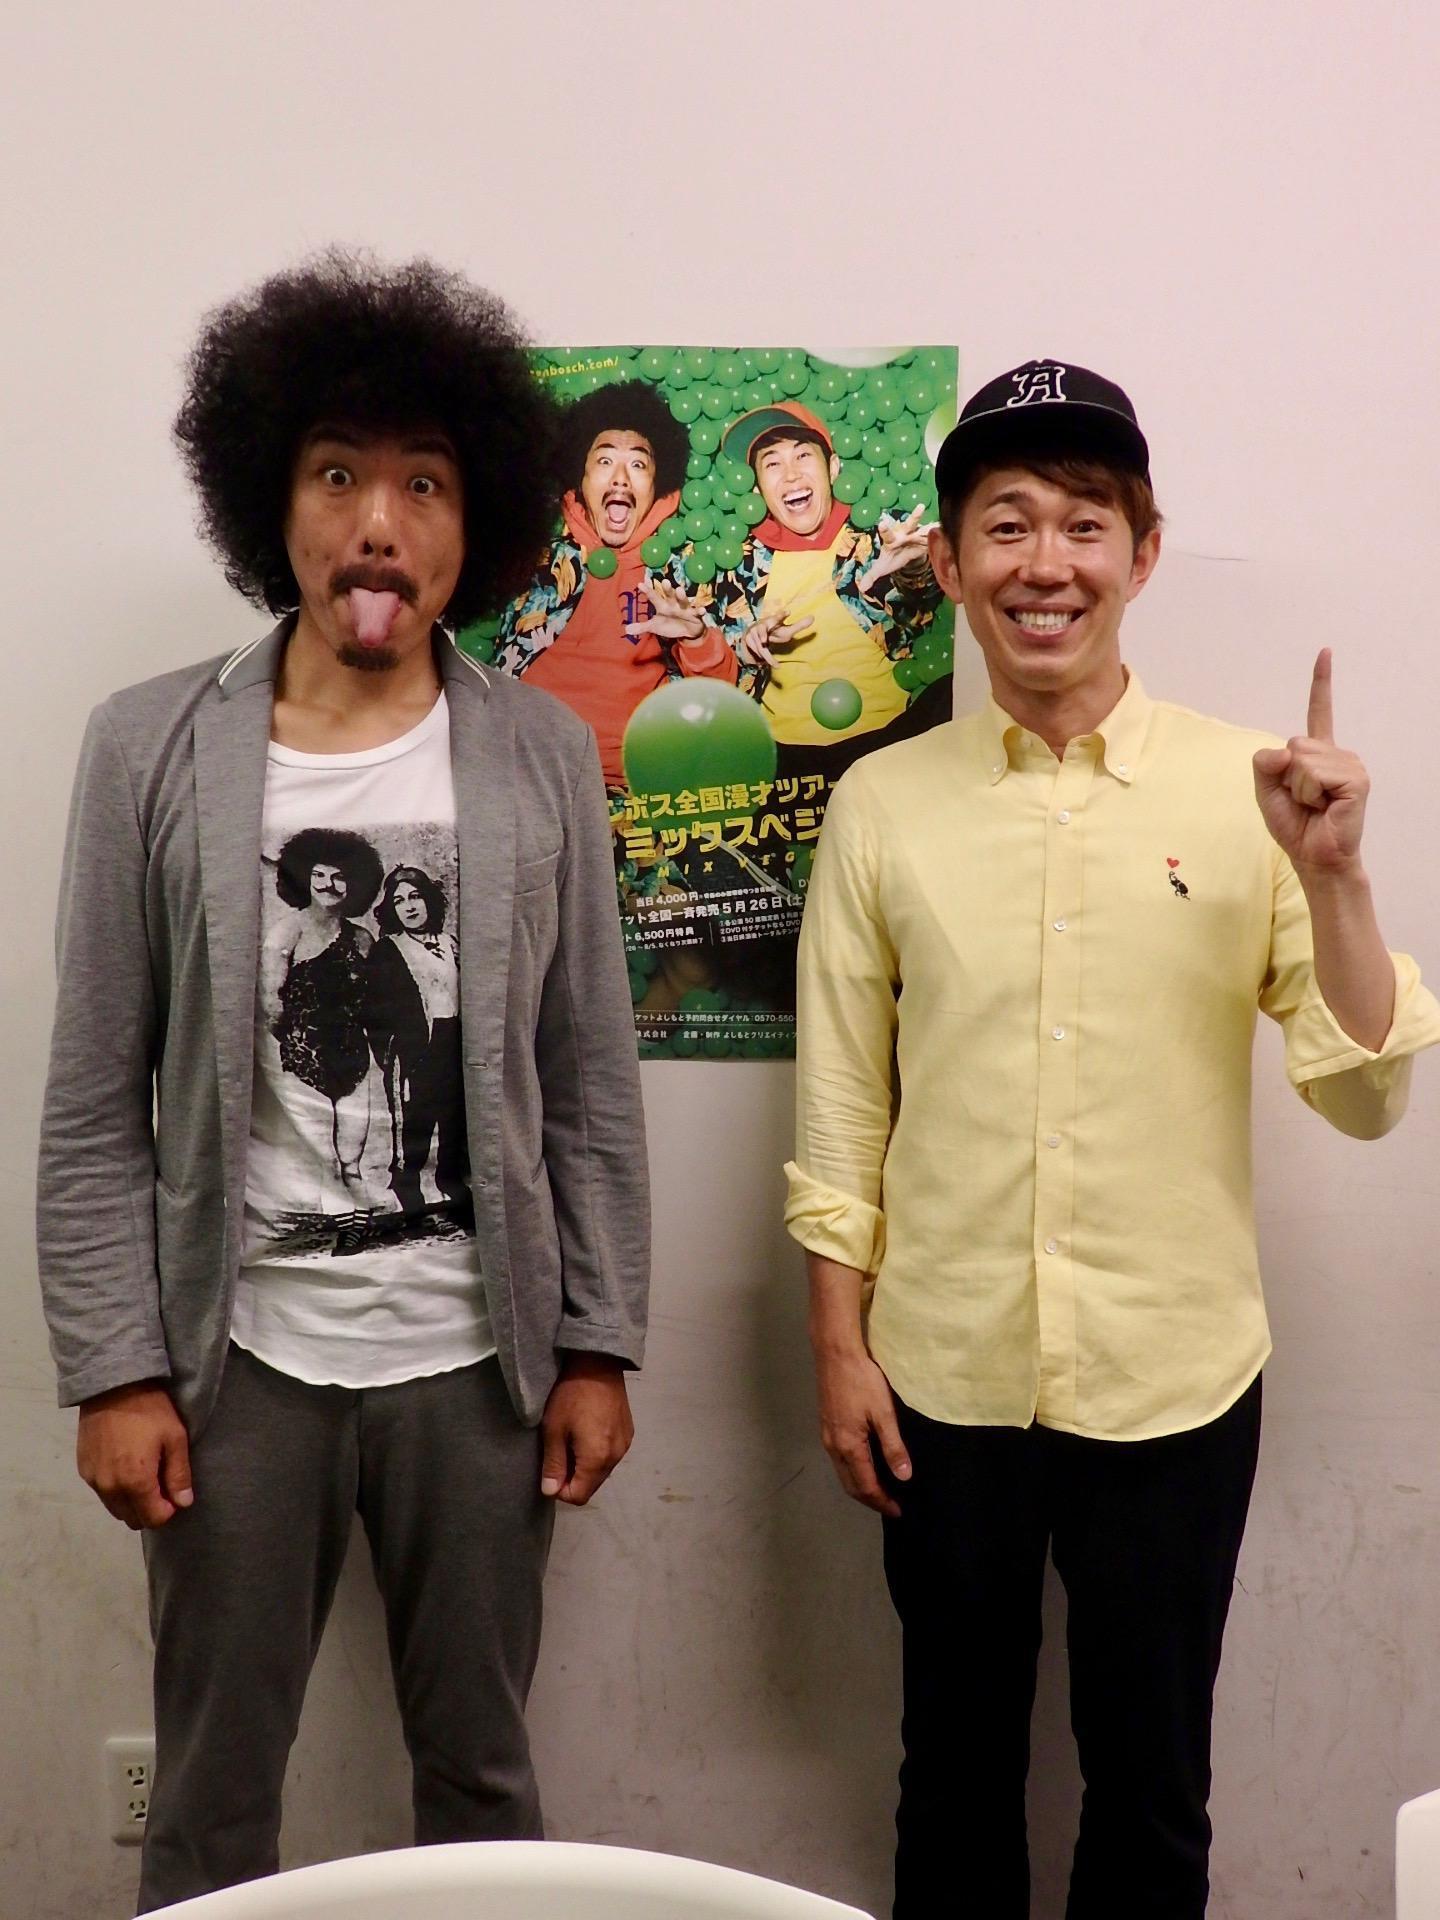 http://news.yoshimoto.co.jp/20180622005139-3a90b033ee23c33b7254db9fa102302cf7eb6853.jpg